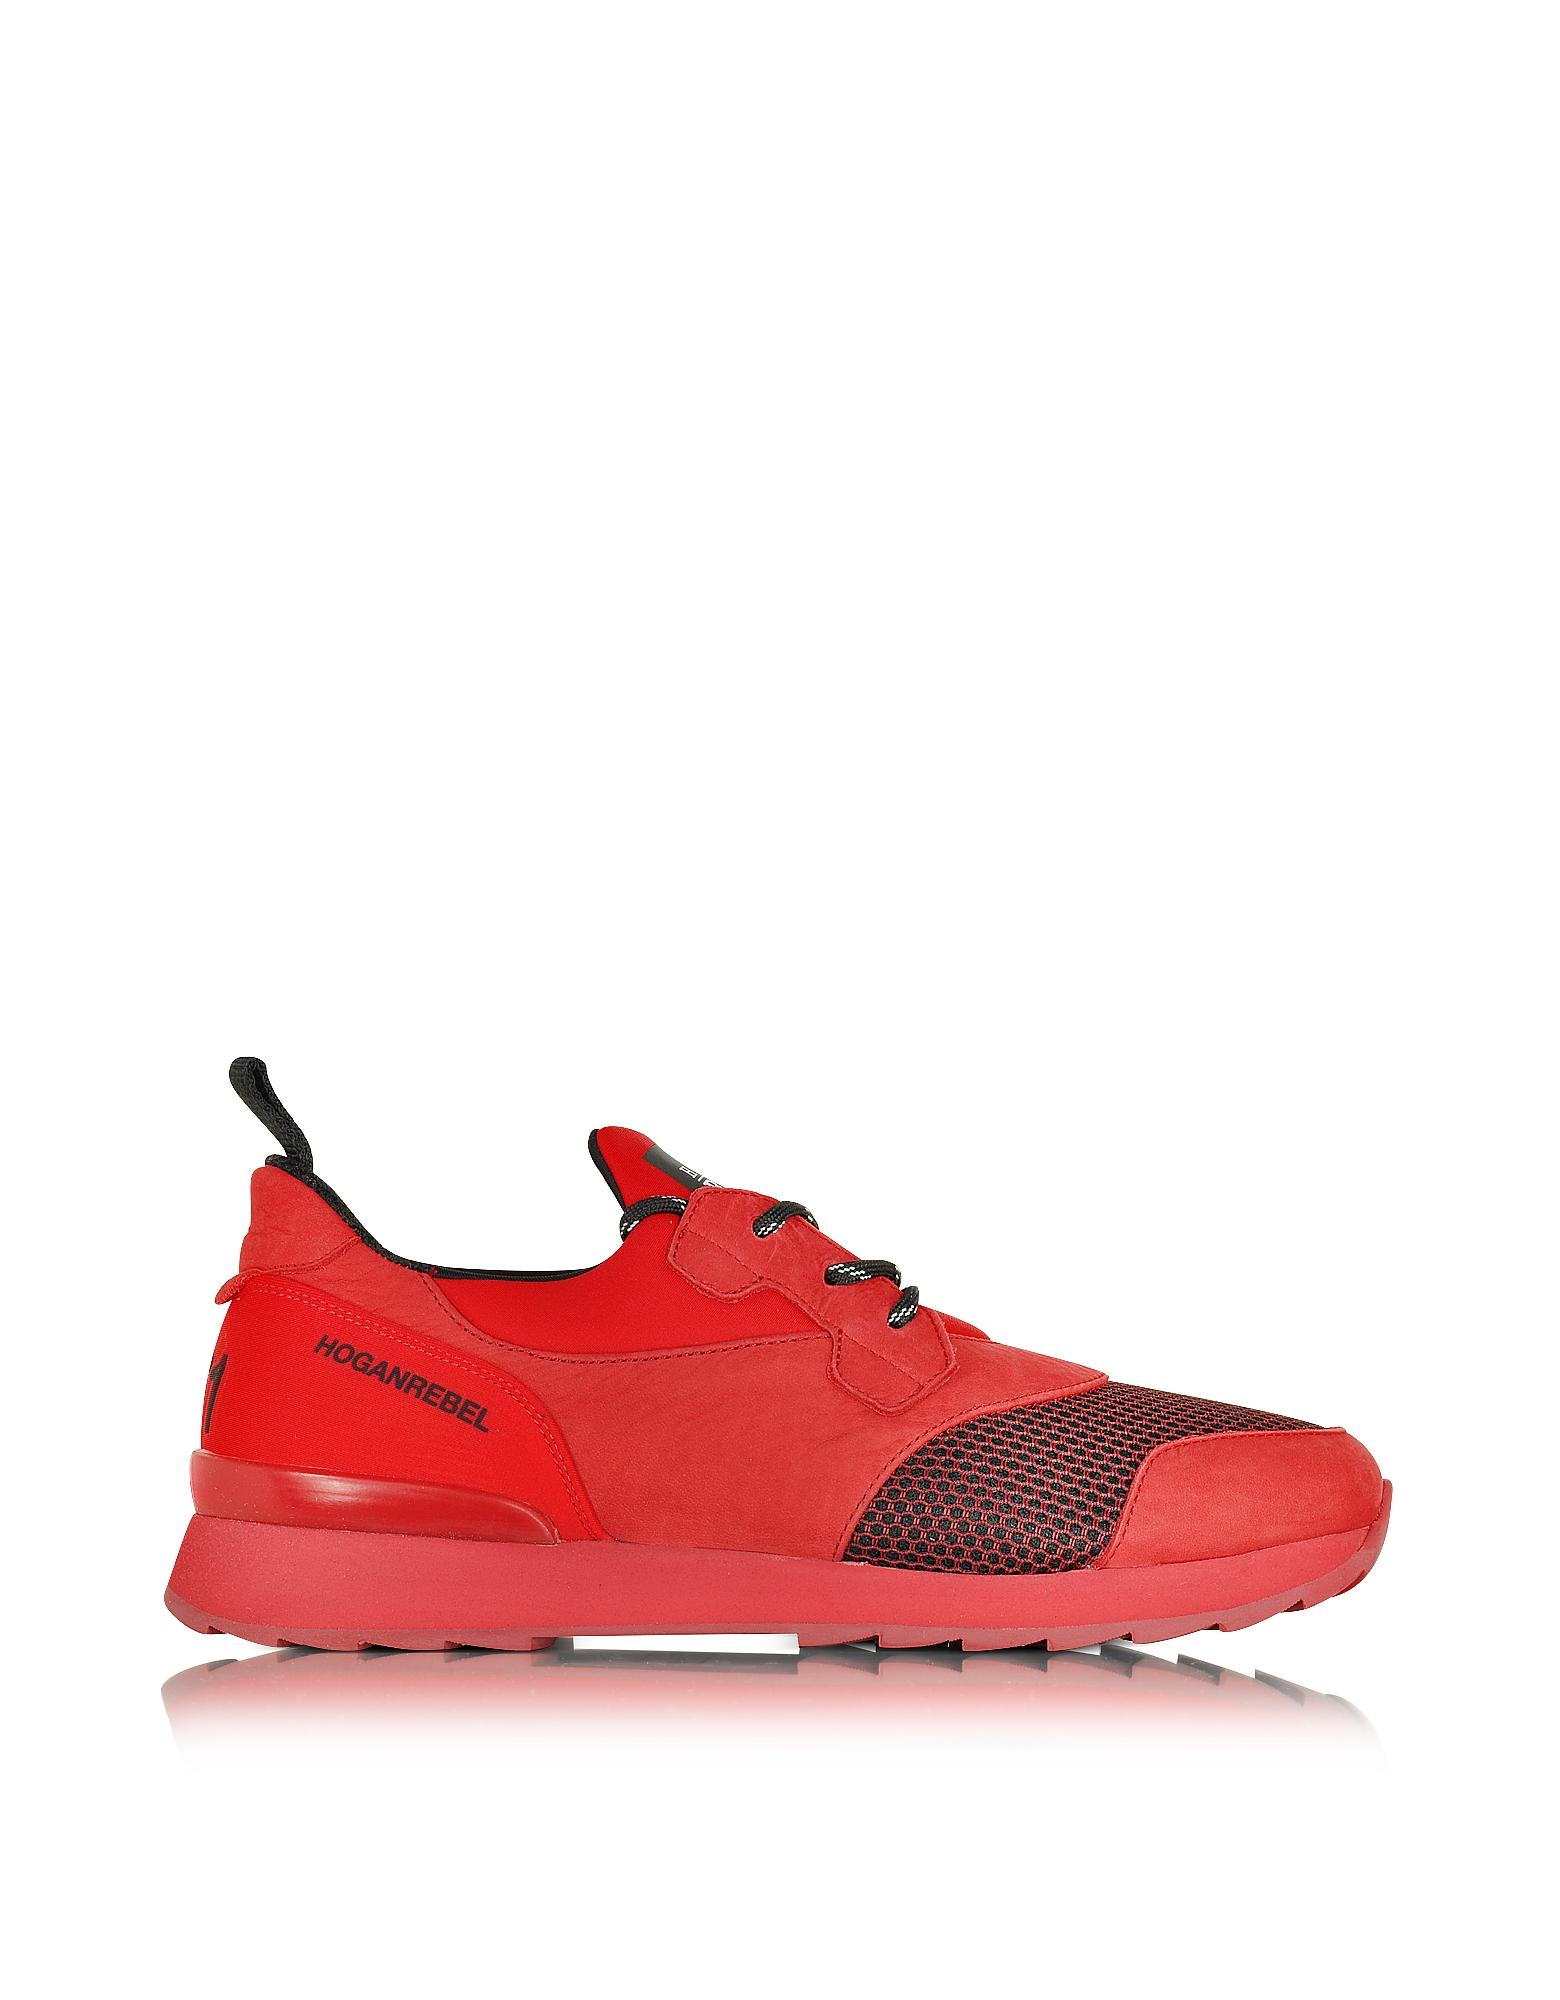 Running R261 - Красные Мужские Кроссовки Слиперы из Набука и Неопрена